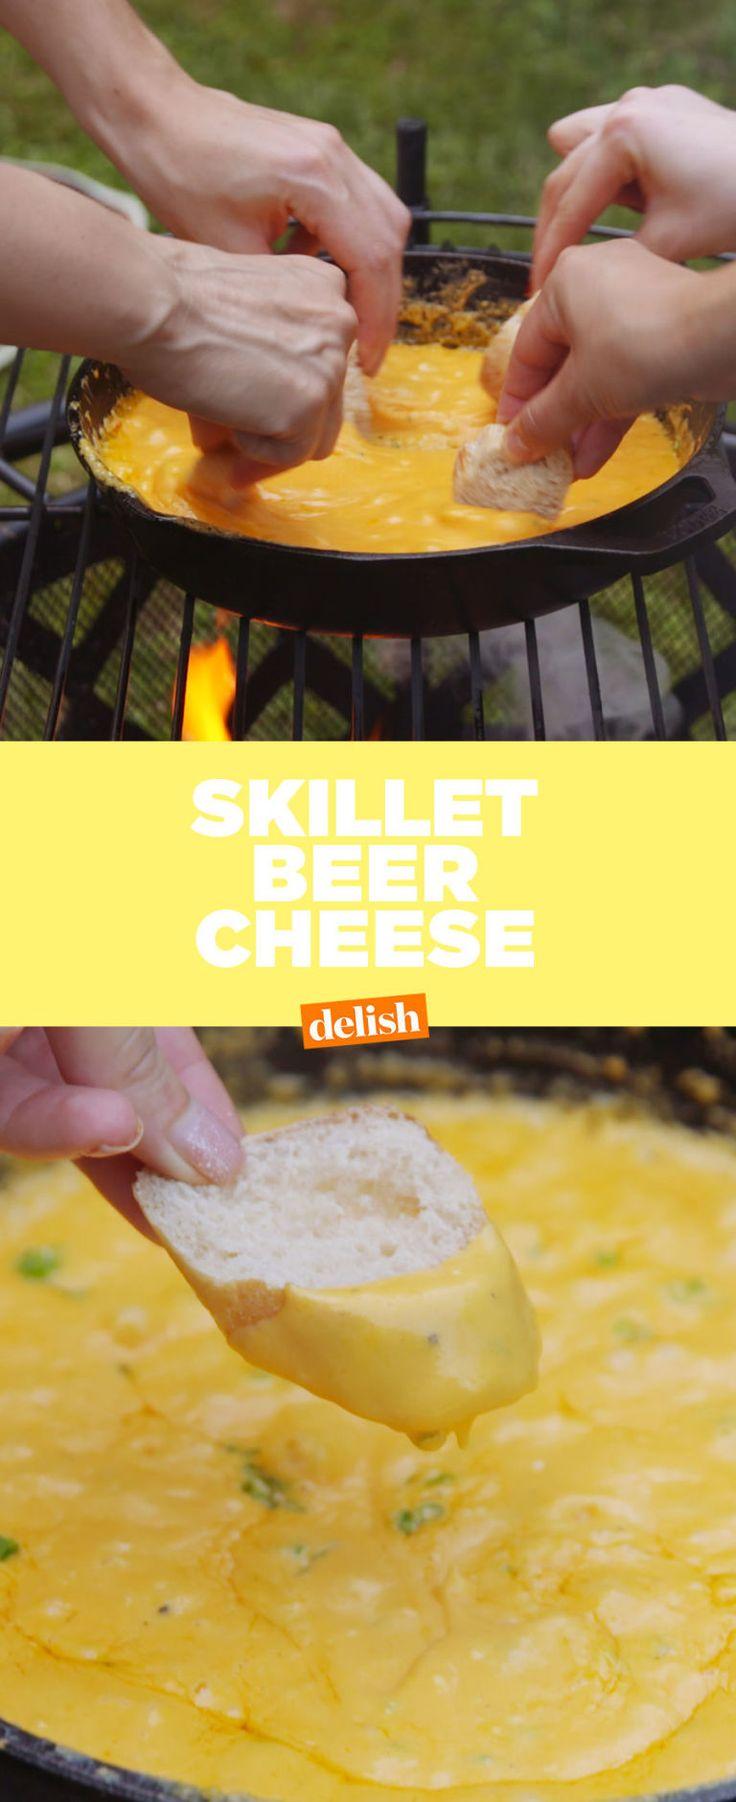 Skillet Beer Cheese